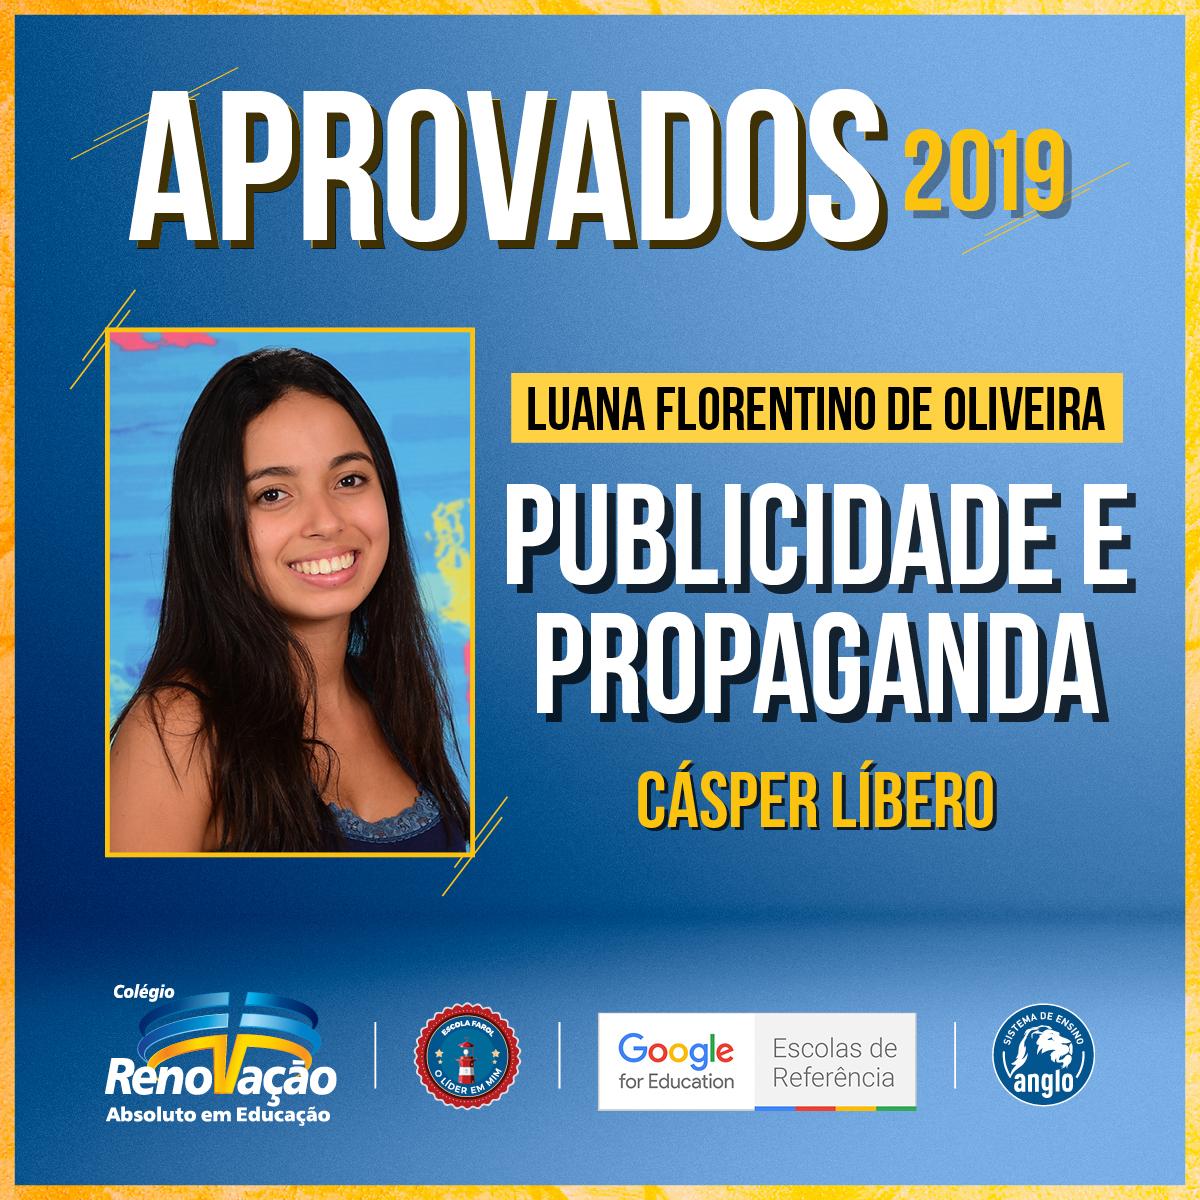 16992_Desdobramentos_Post_BannerAprovados2019_ColegioRenovacaoSP30